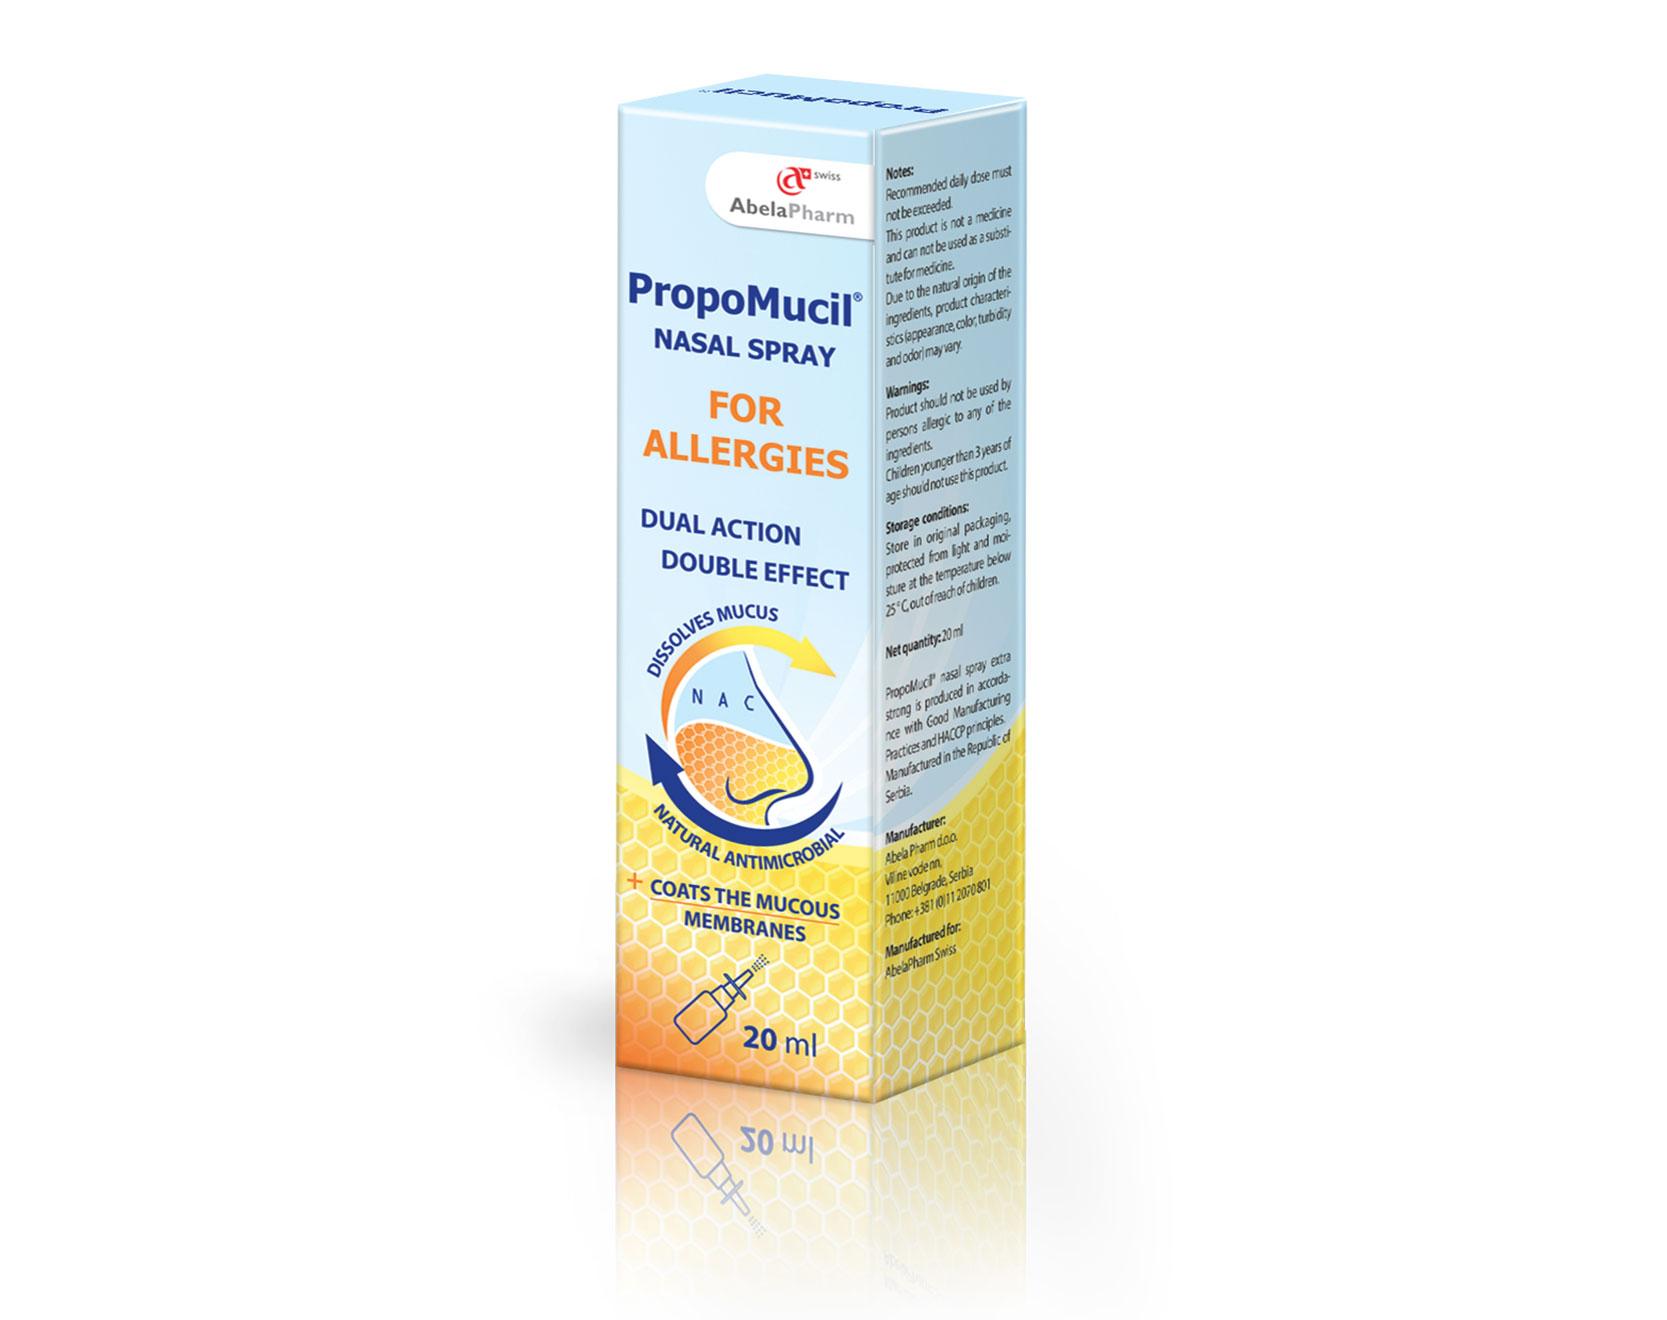 PropoMucil Allergy nasal spray